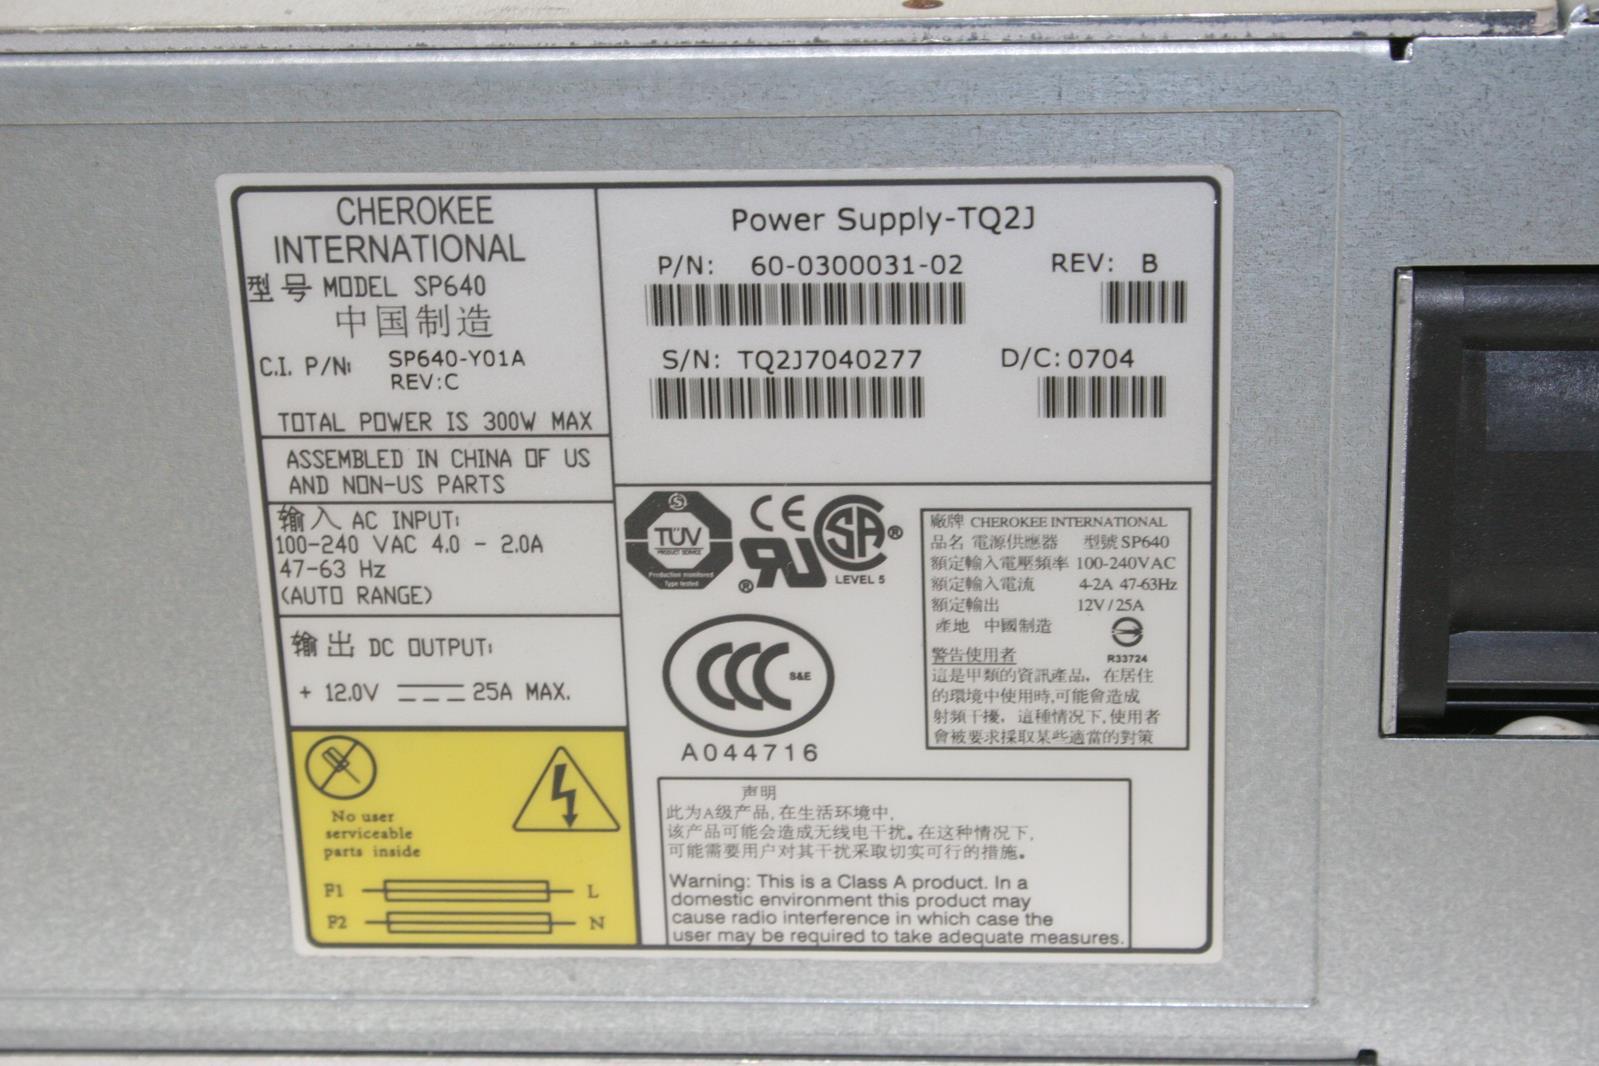 """BROCADE 60-0300031-02 Cherokee SP640 TQ2J 300W Power Supply /""""Make an Offer/"""""""